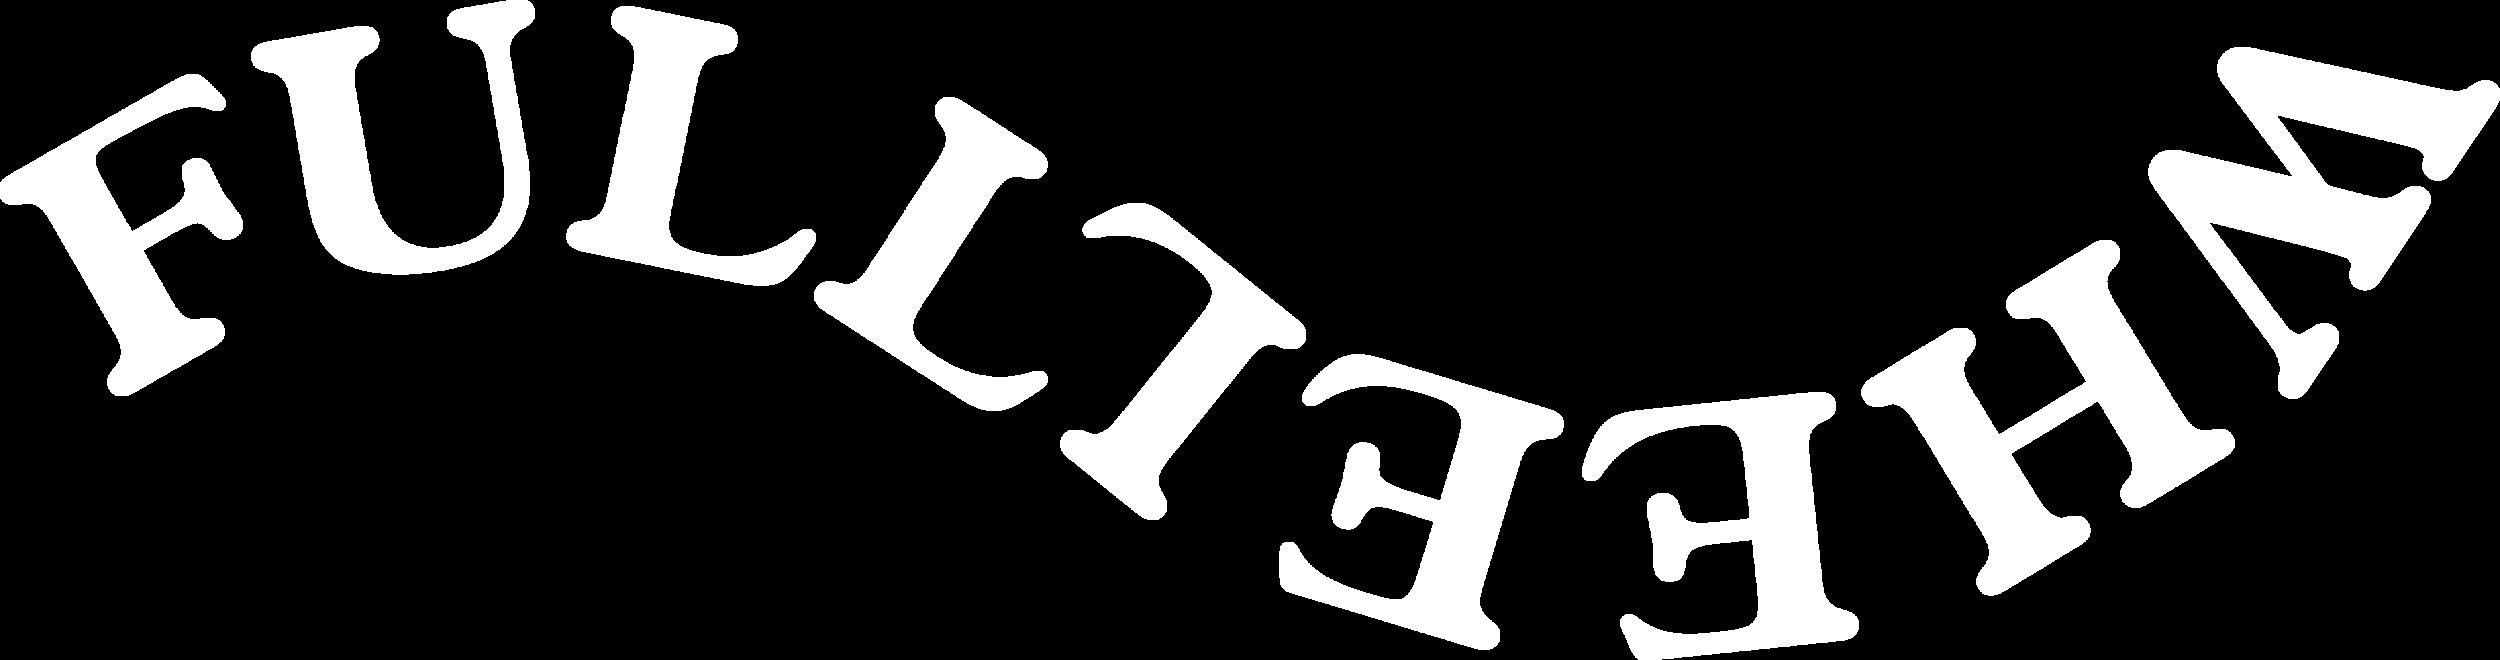 Fullwheel_logo_white.png